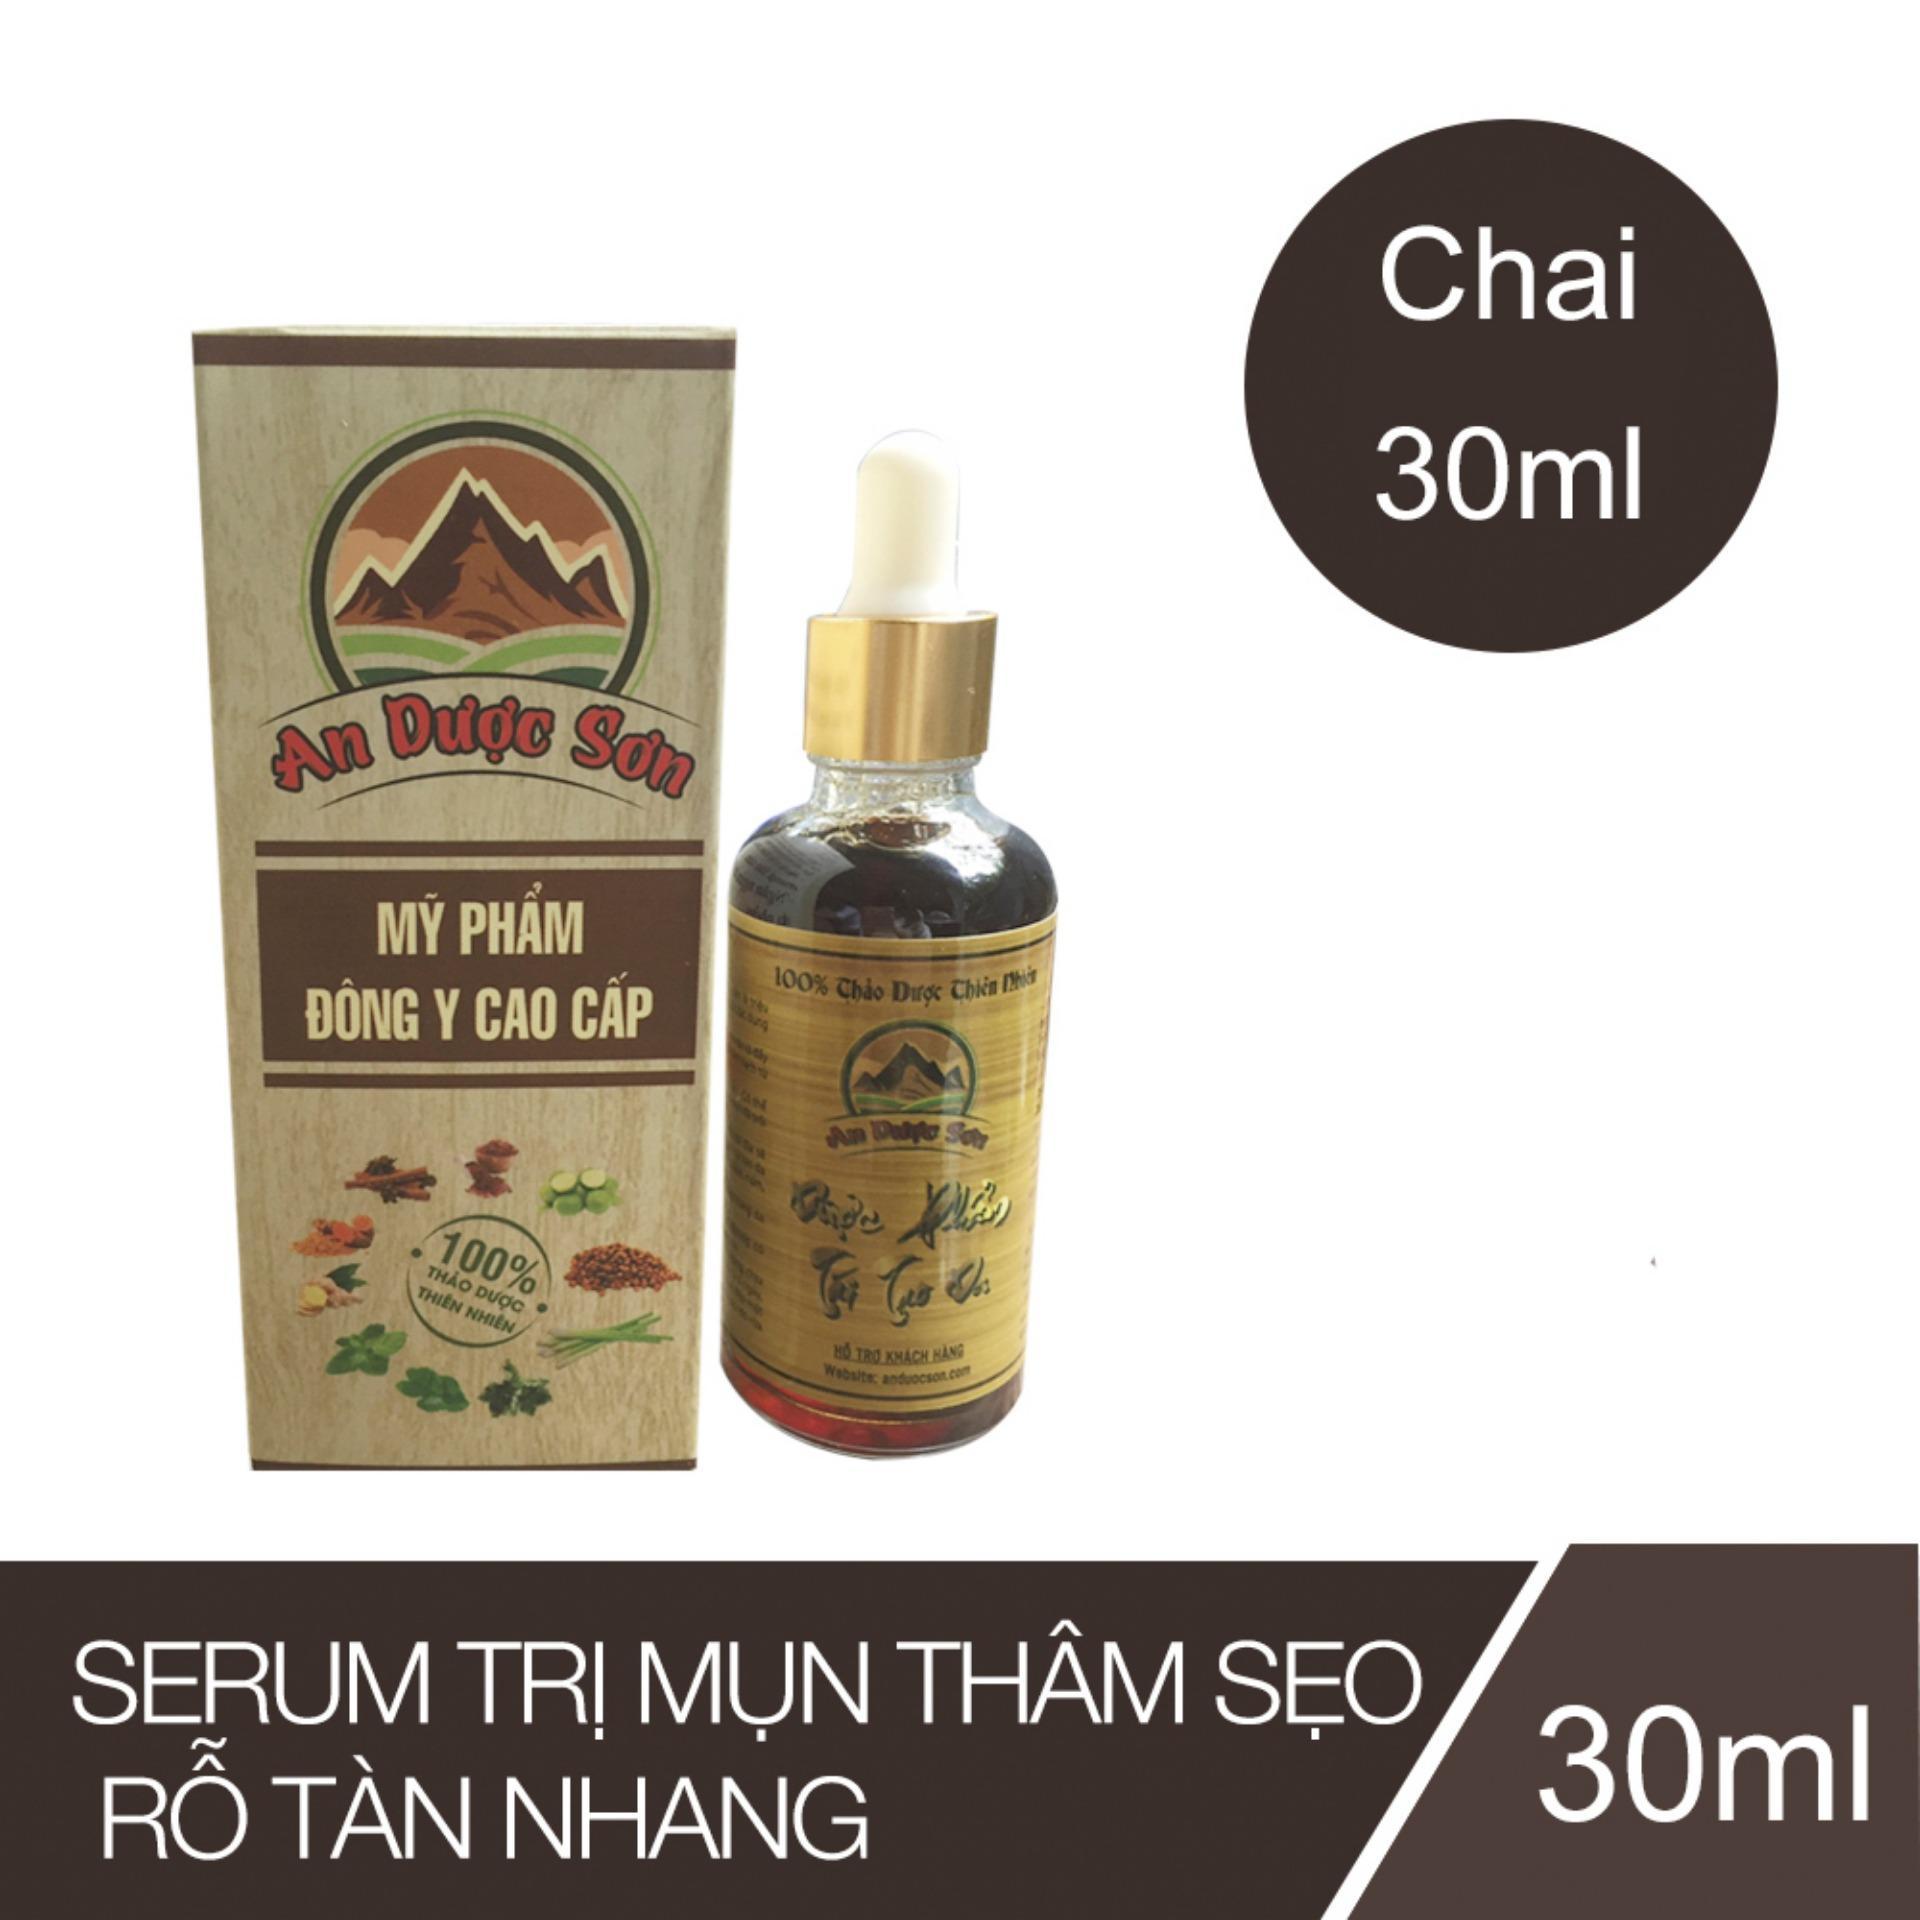 Hình ảnh Serum trị mụn thâm sẹo rỗ An Dược Sơn - Chai 30ml